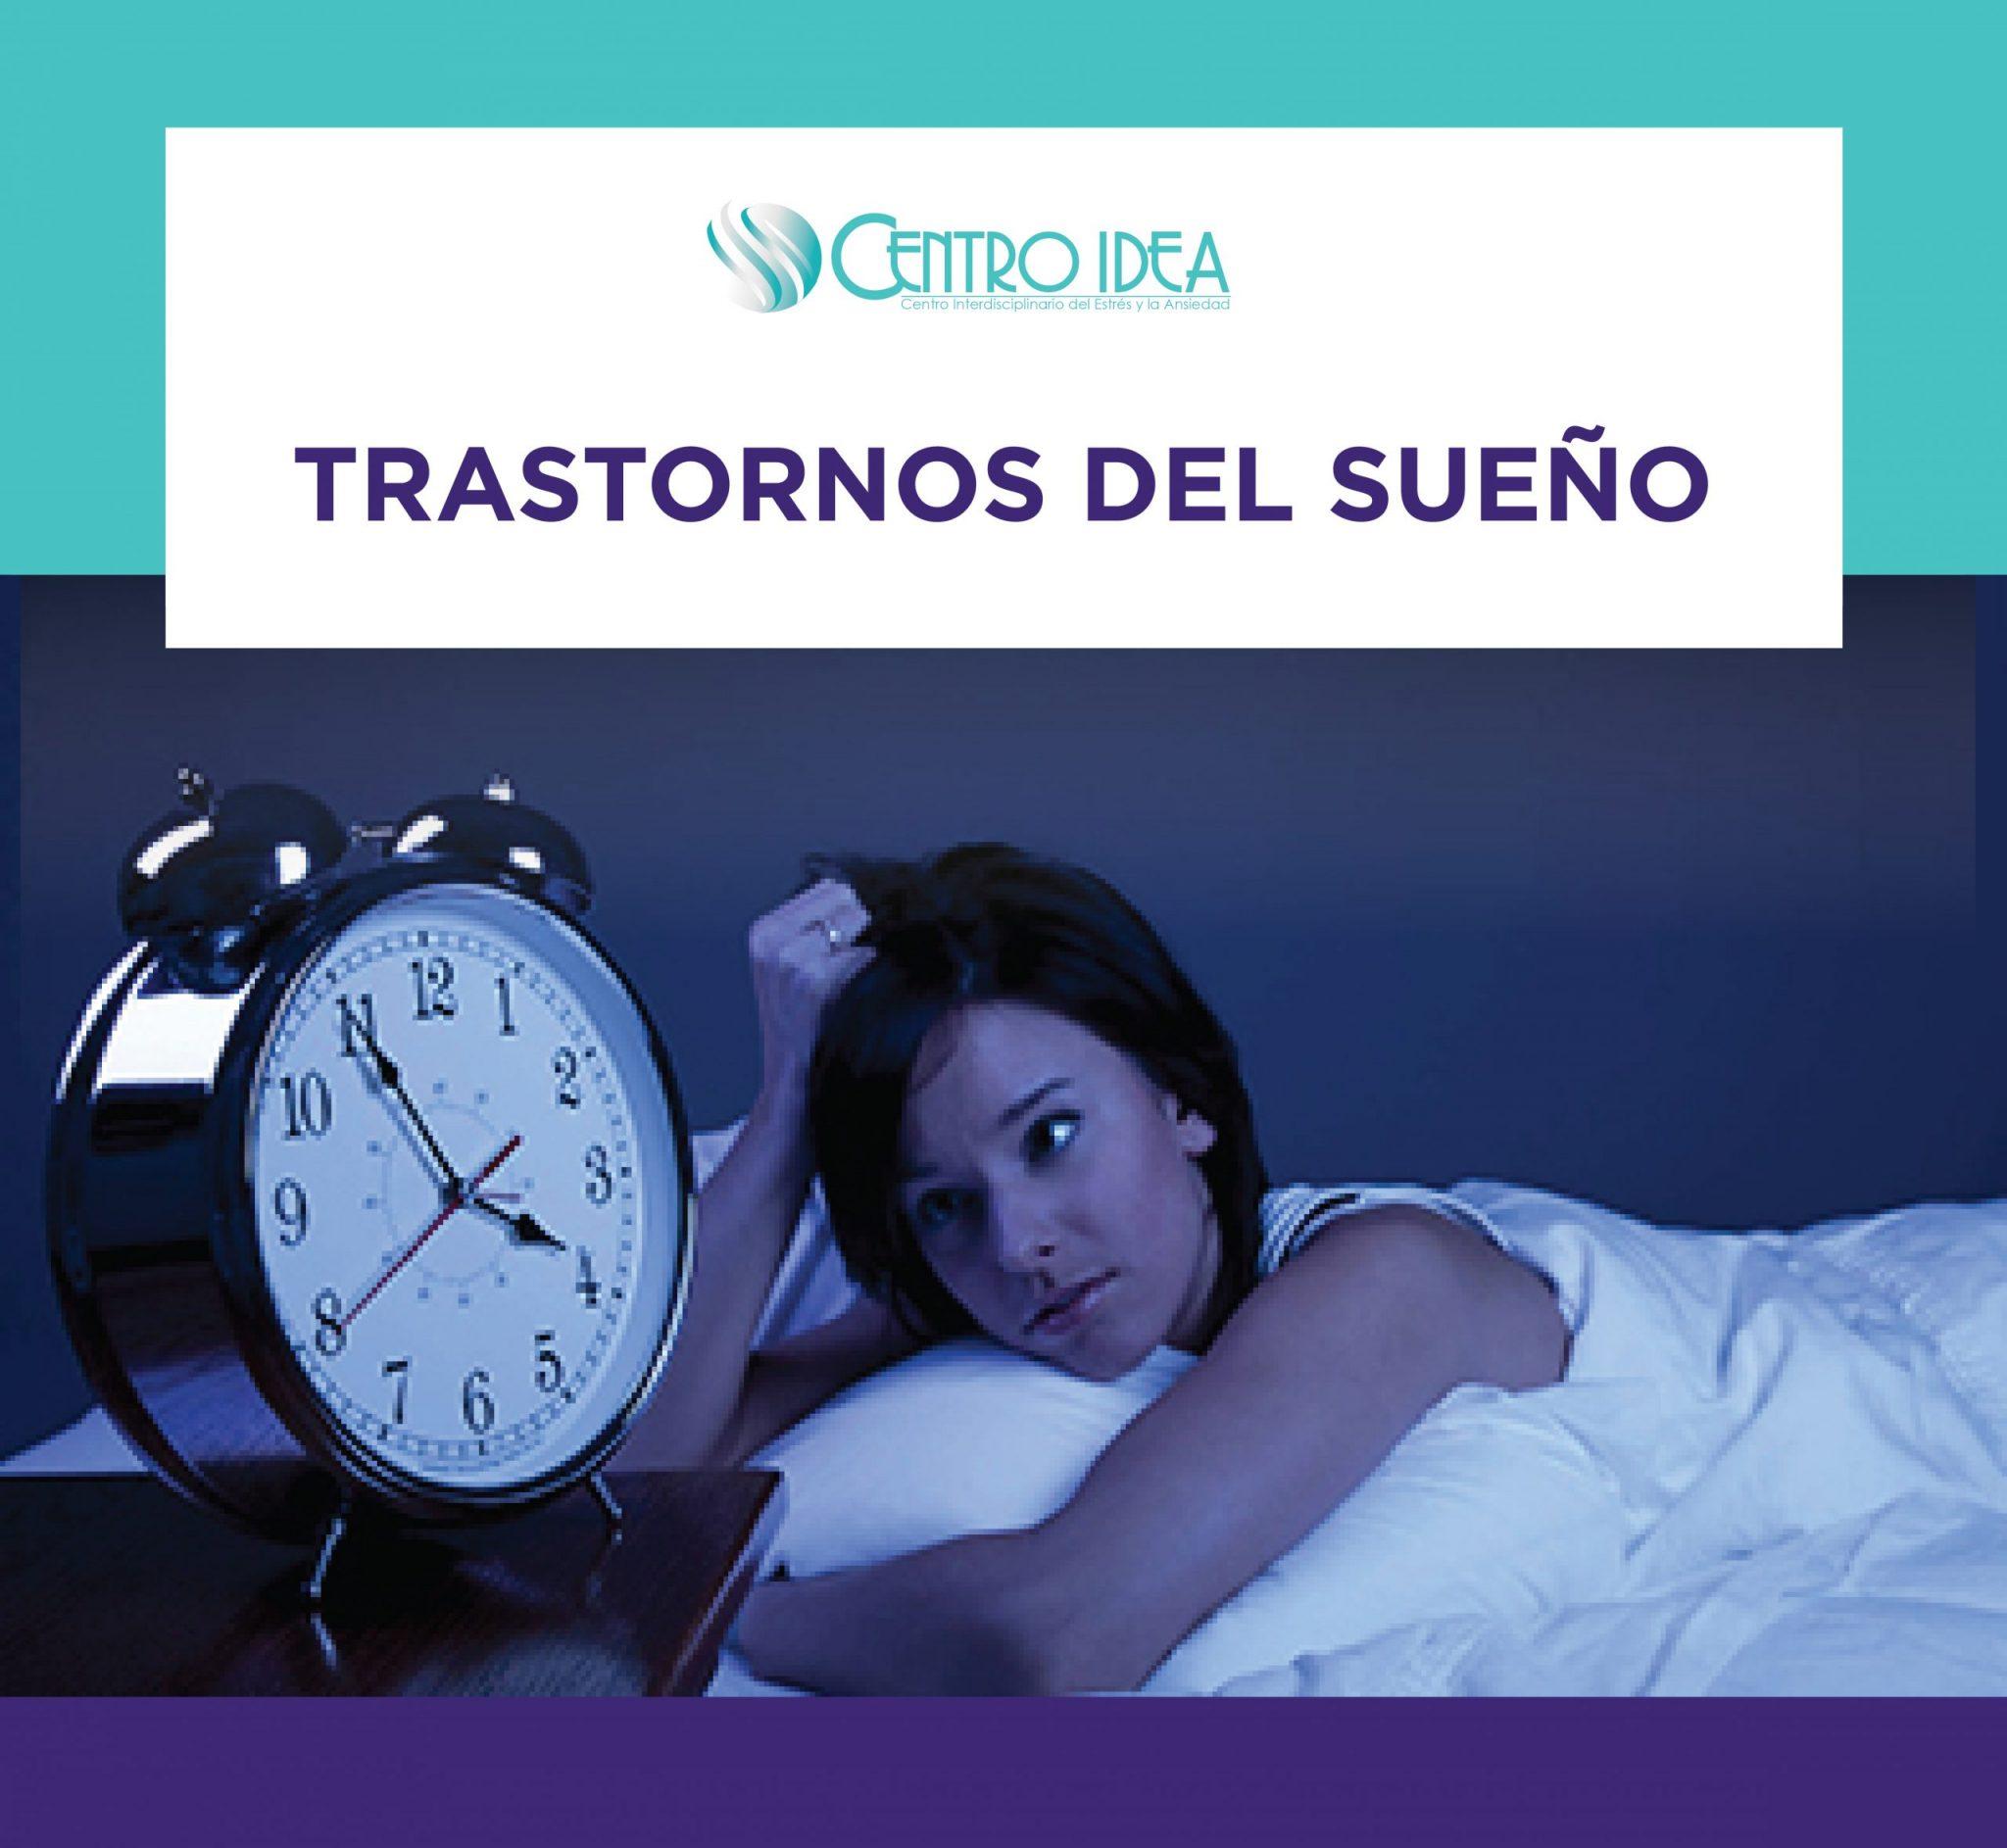 Trastornos del sueño: Disomnias y parasomnias.